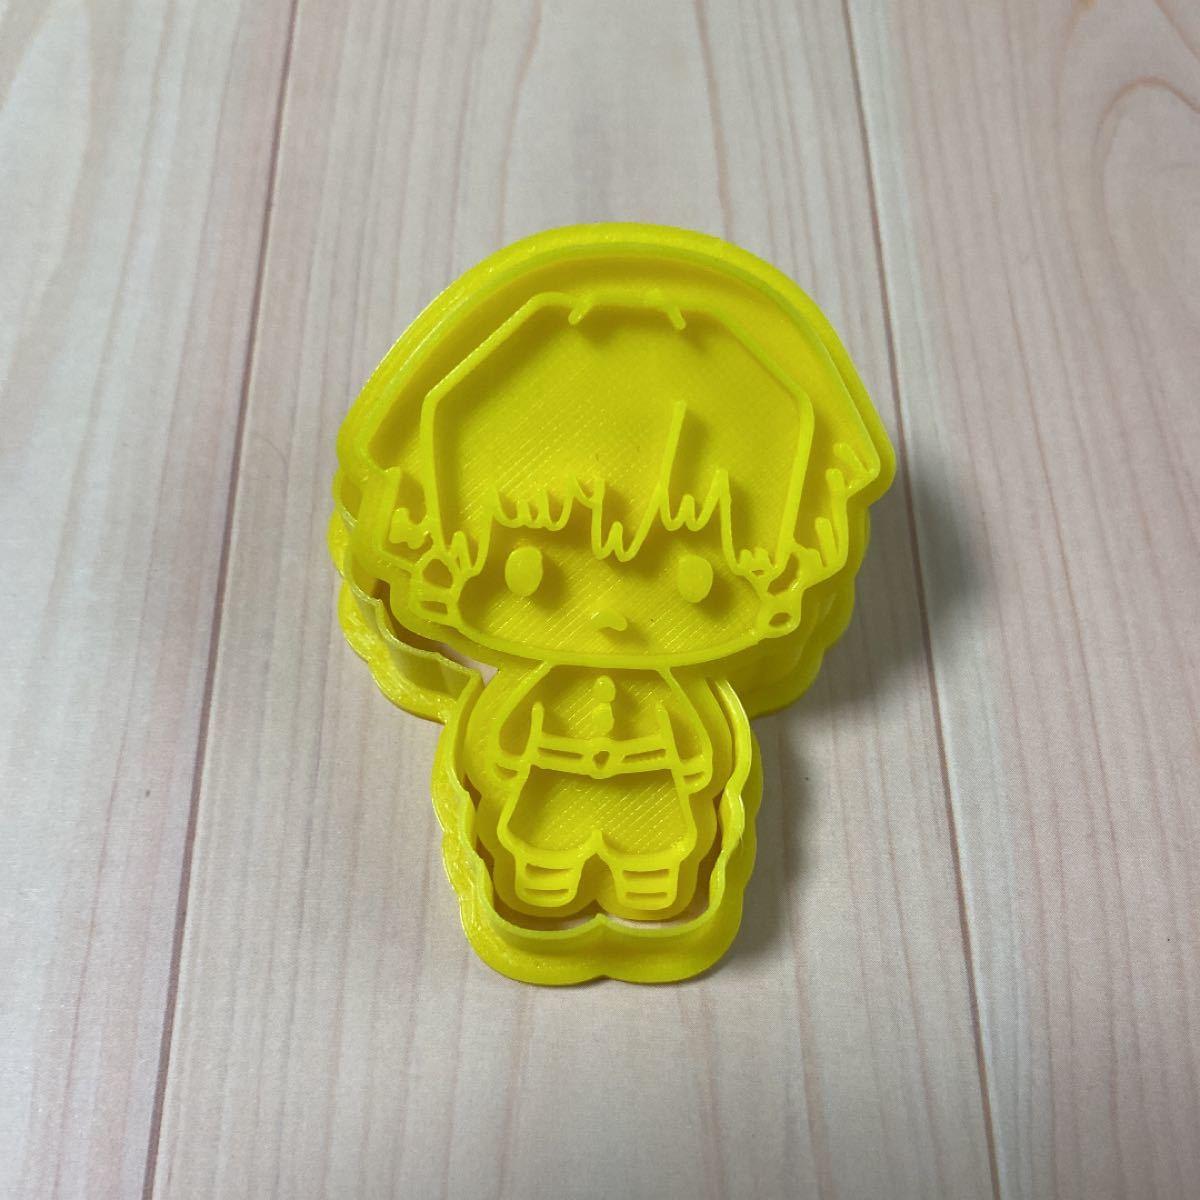 鬼滅の刃 クッキー型 我妻善逸 全身タイプ 黄色